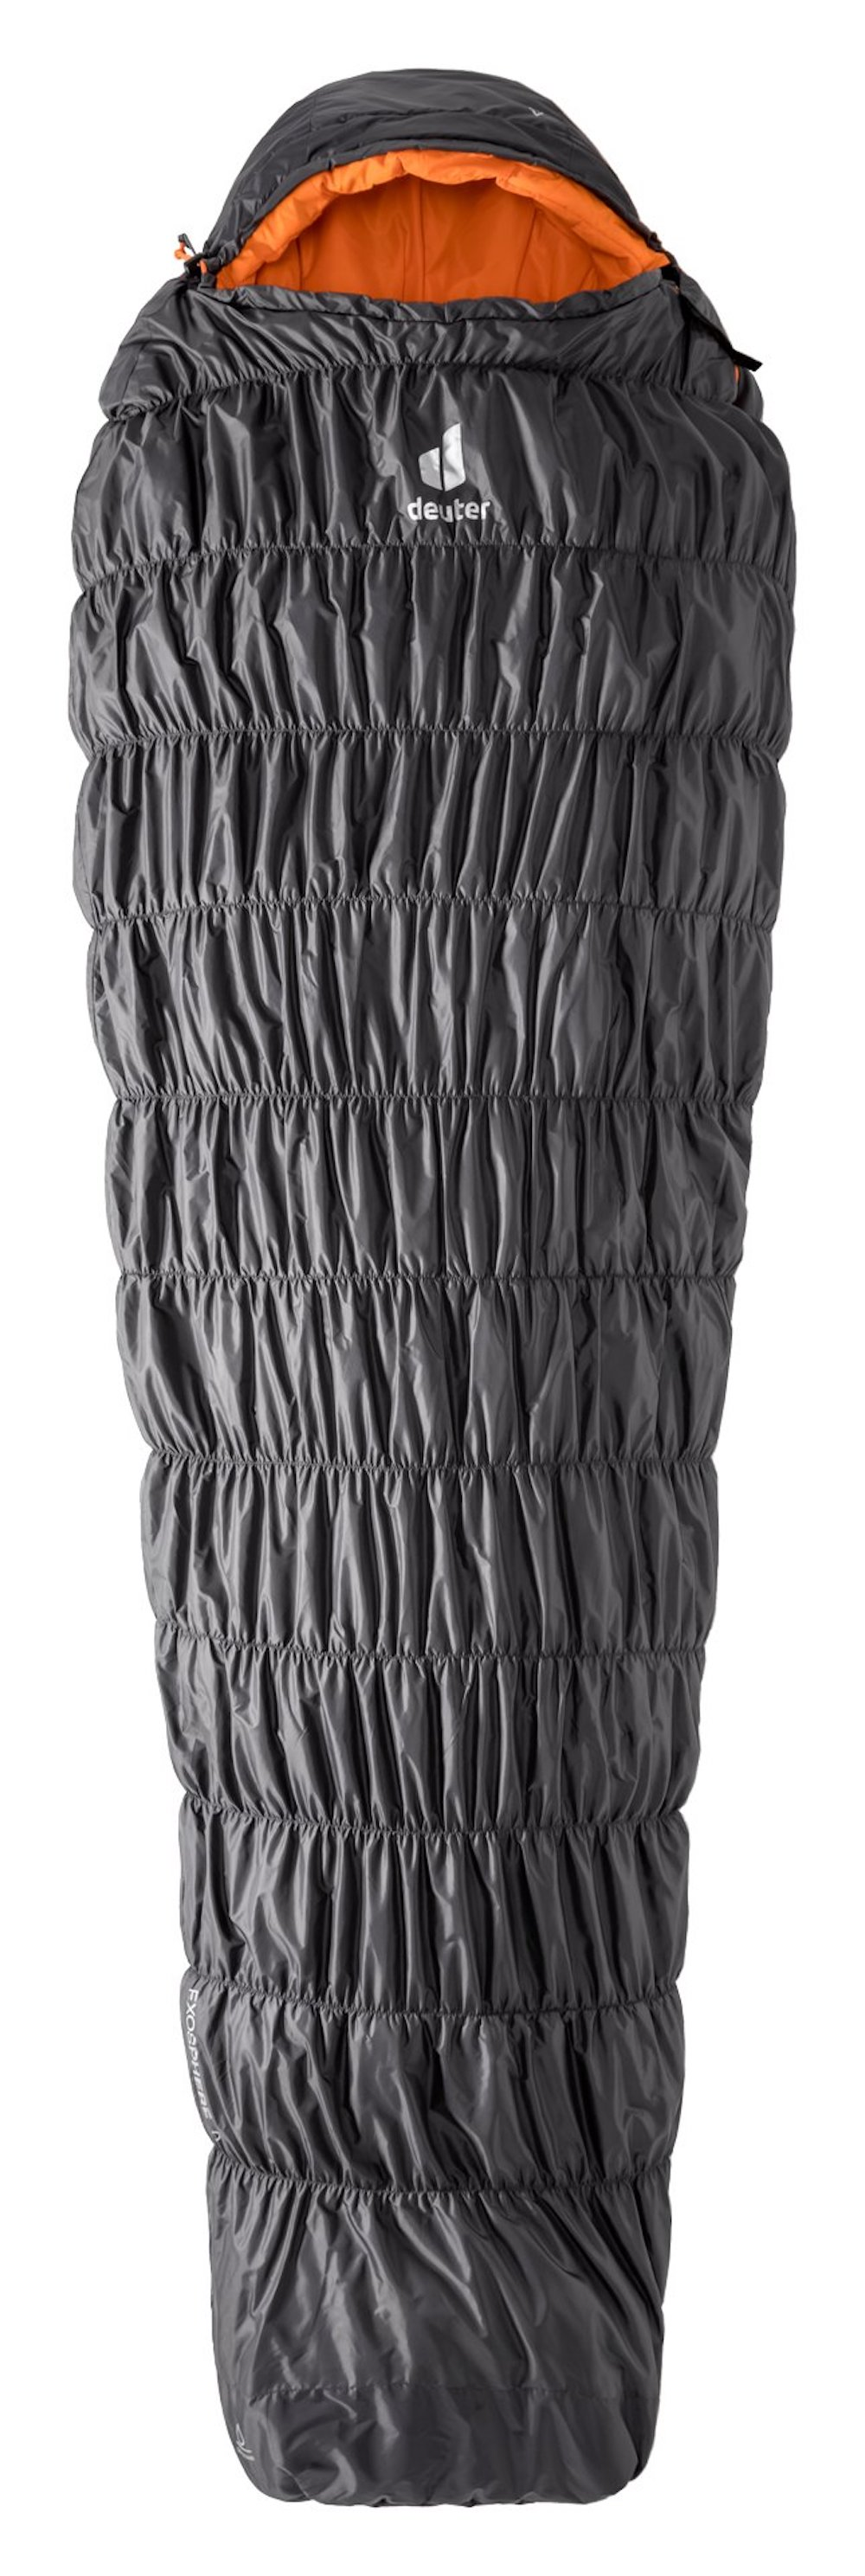 Deuter - Exosphere 0° SL / Zip left, Kunstfaserschlafsack für Frauen